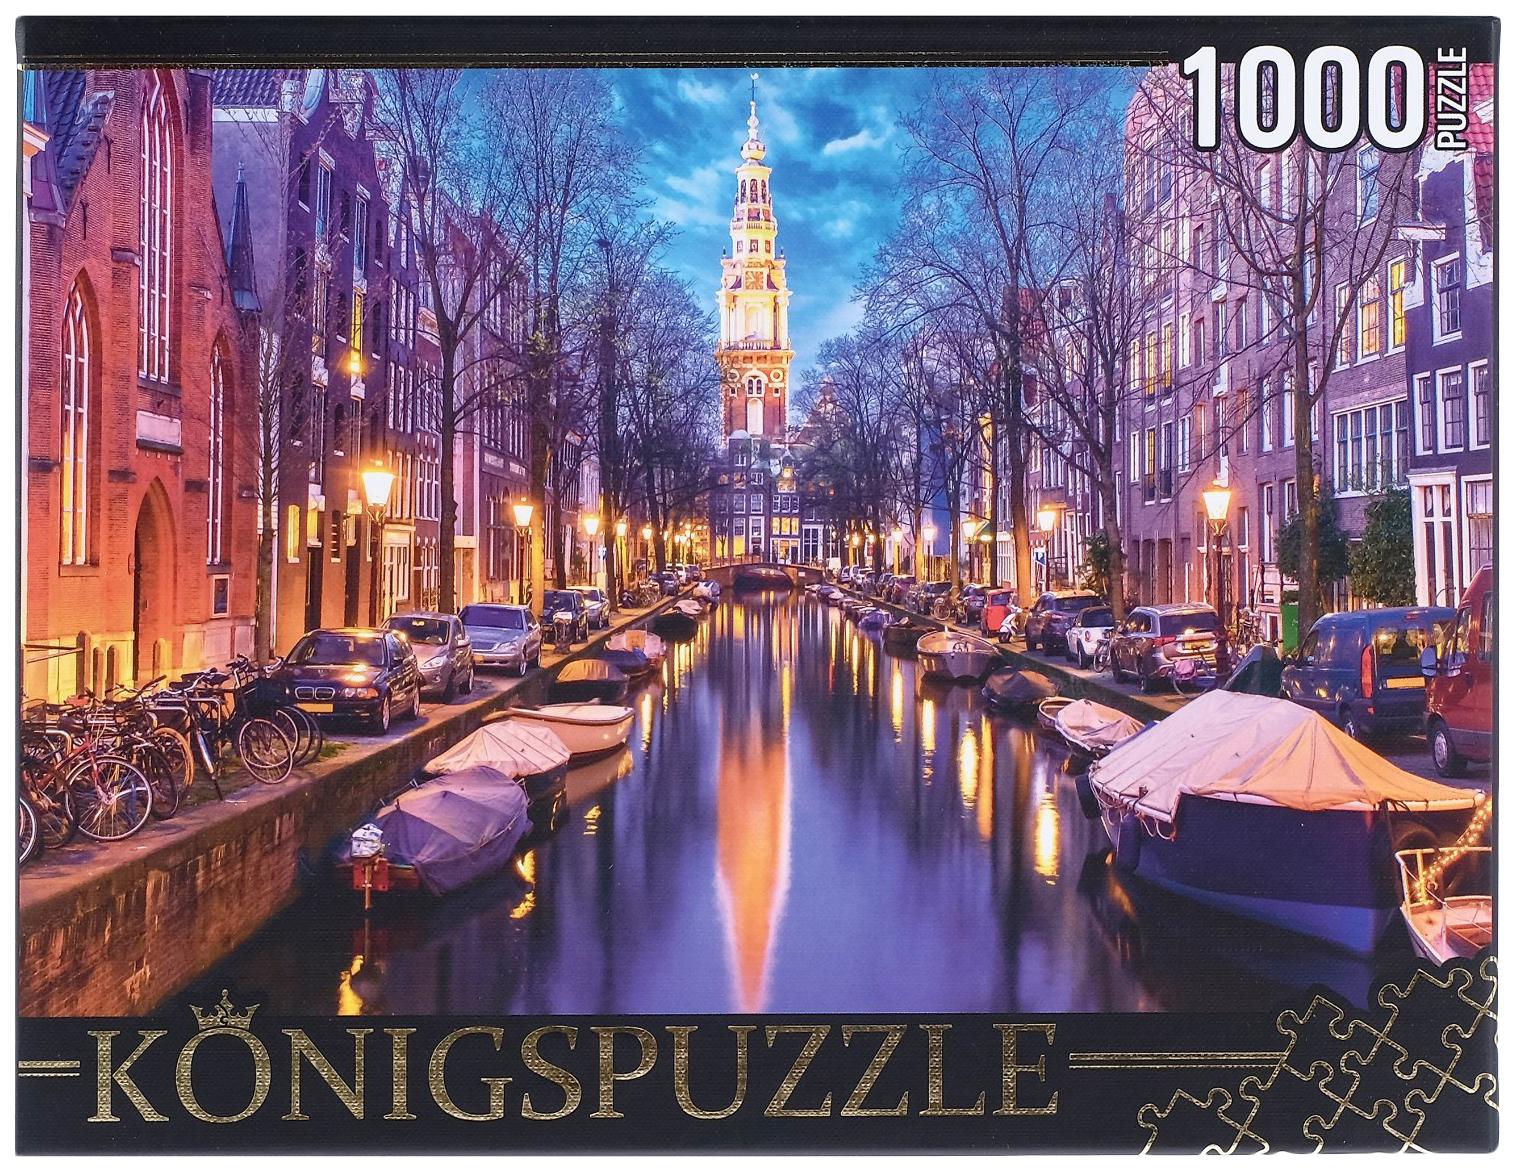 Купить Königspuzzle Пазлы Konigspuzzle. Ночной Амстердам, 1000 элементов